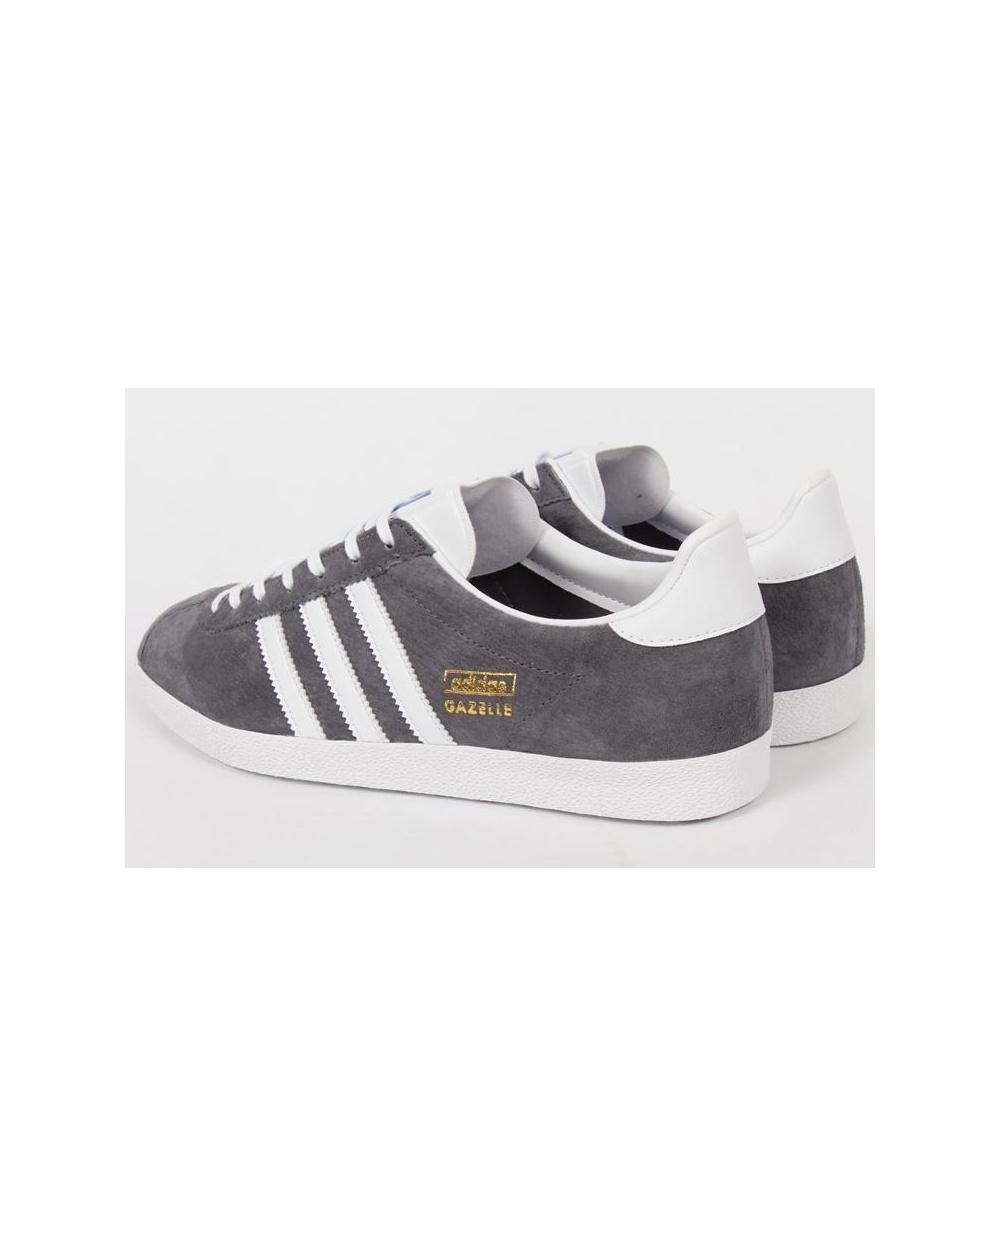 adidas gazelle grey white